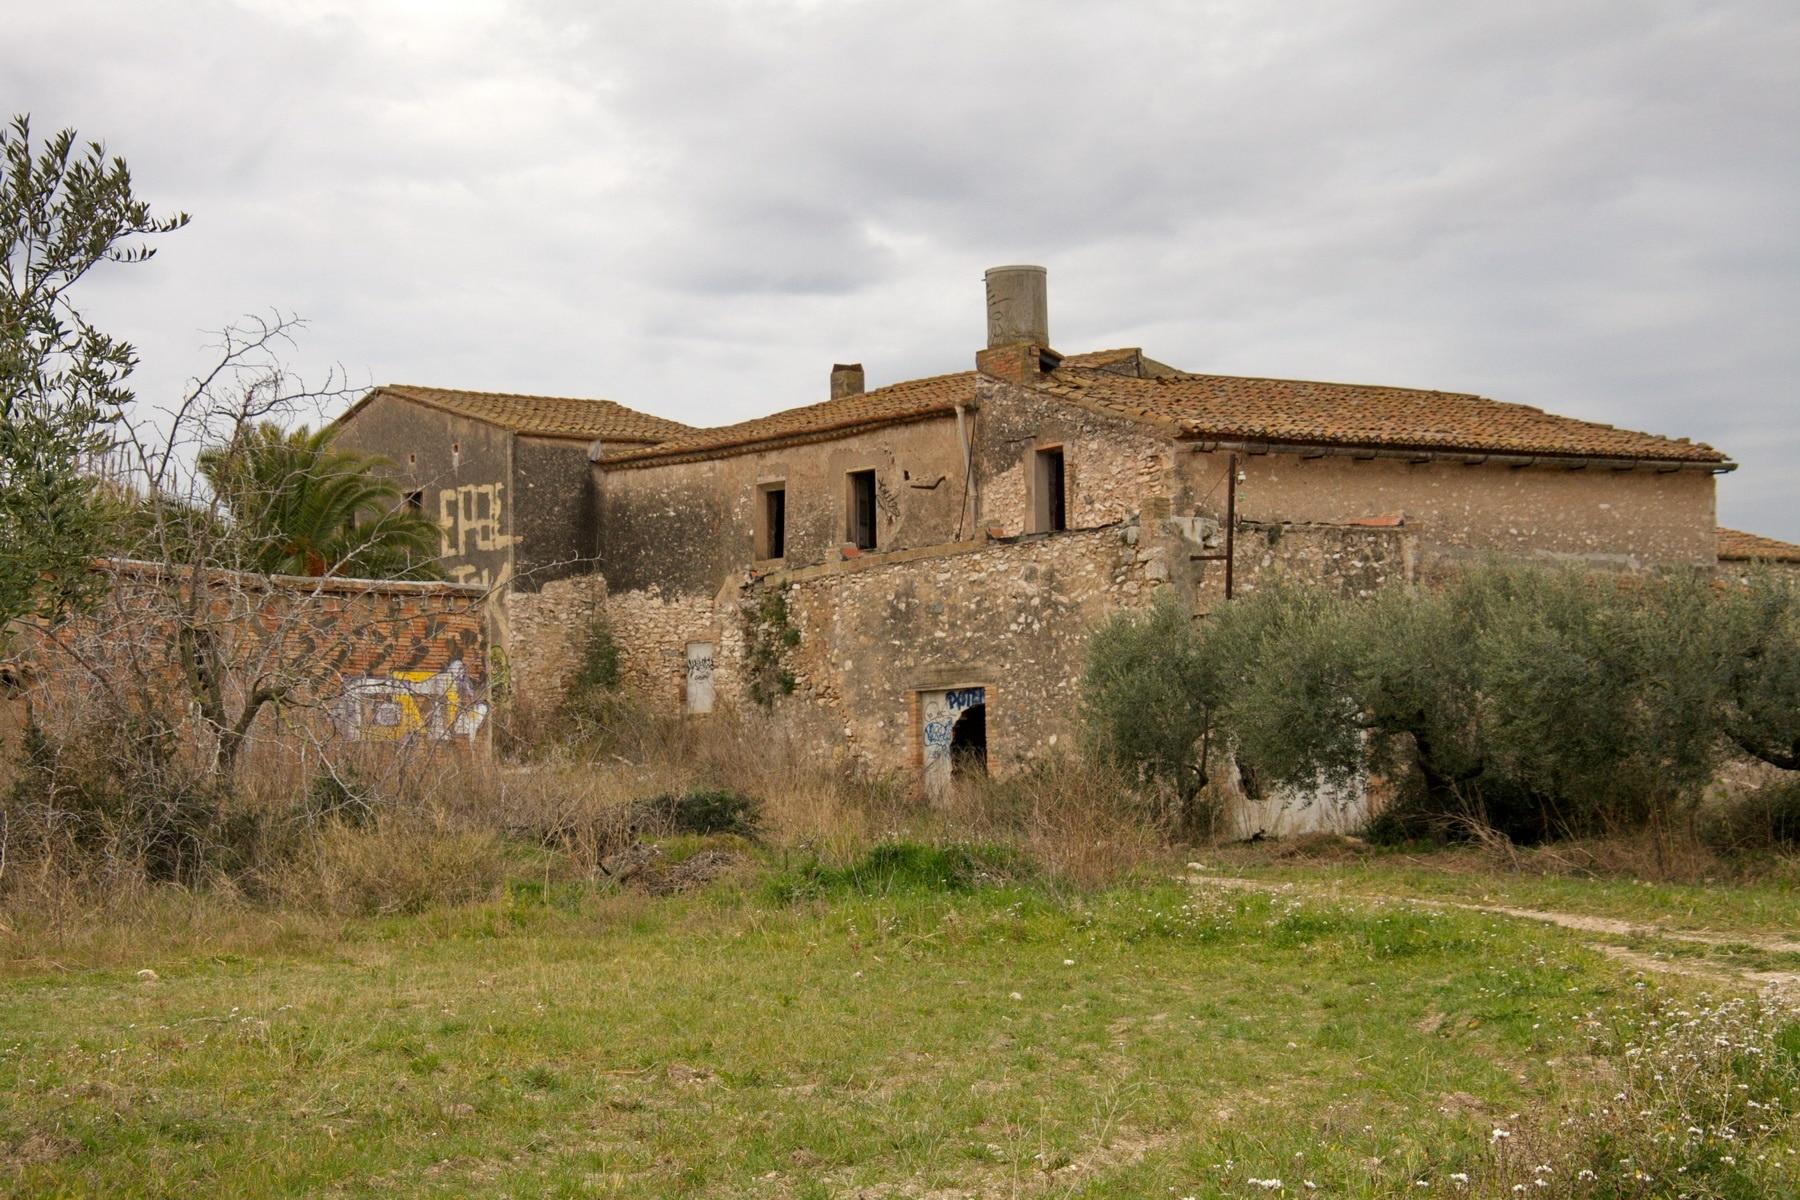 Perafort, Catalonië, Spanje